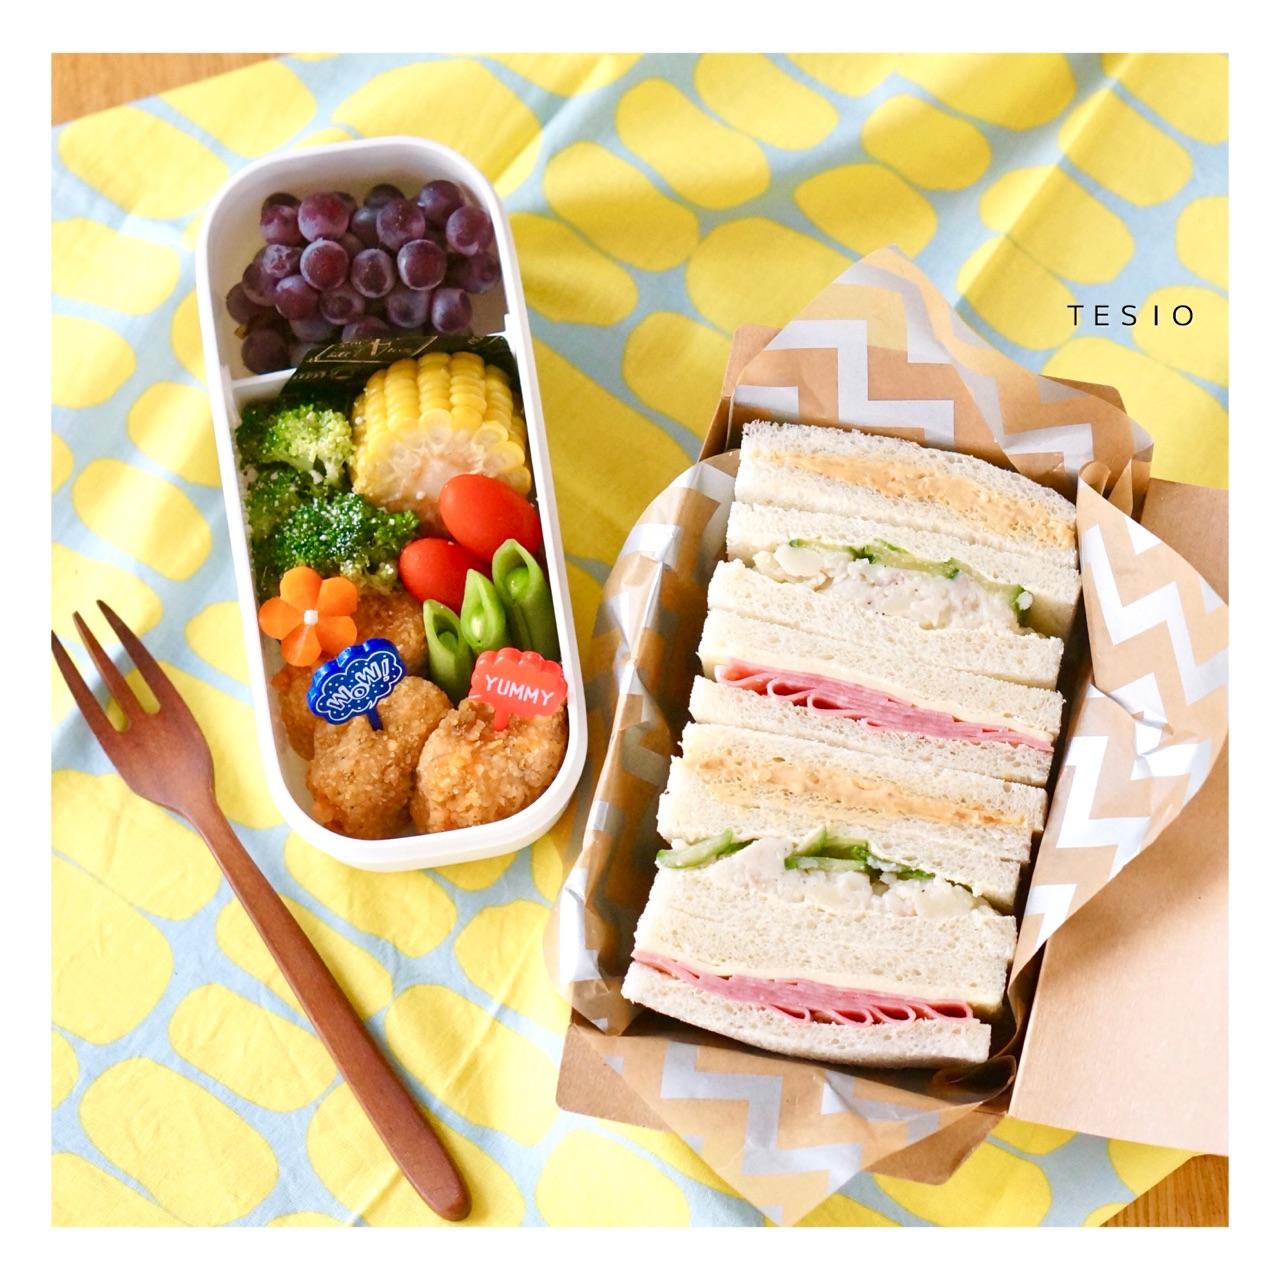 弁当 サンドイッチ セリアのサンドイッチケースが大人気!種類や活用法をご紹介